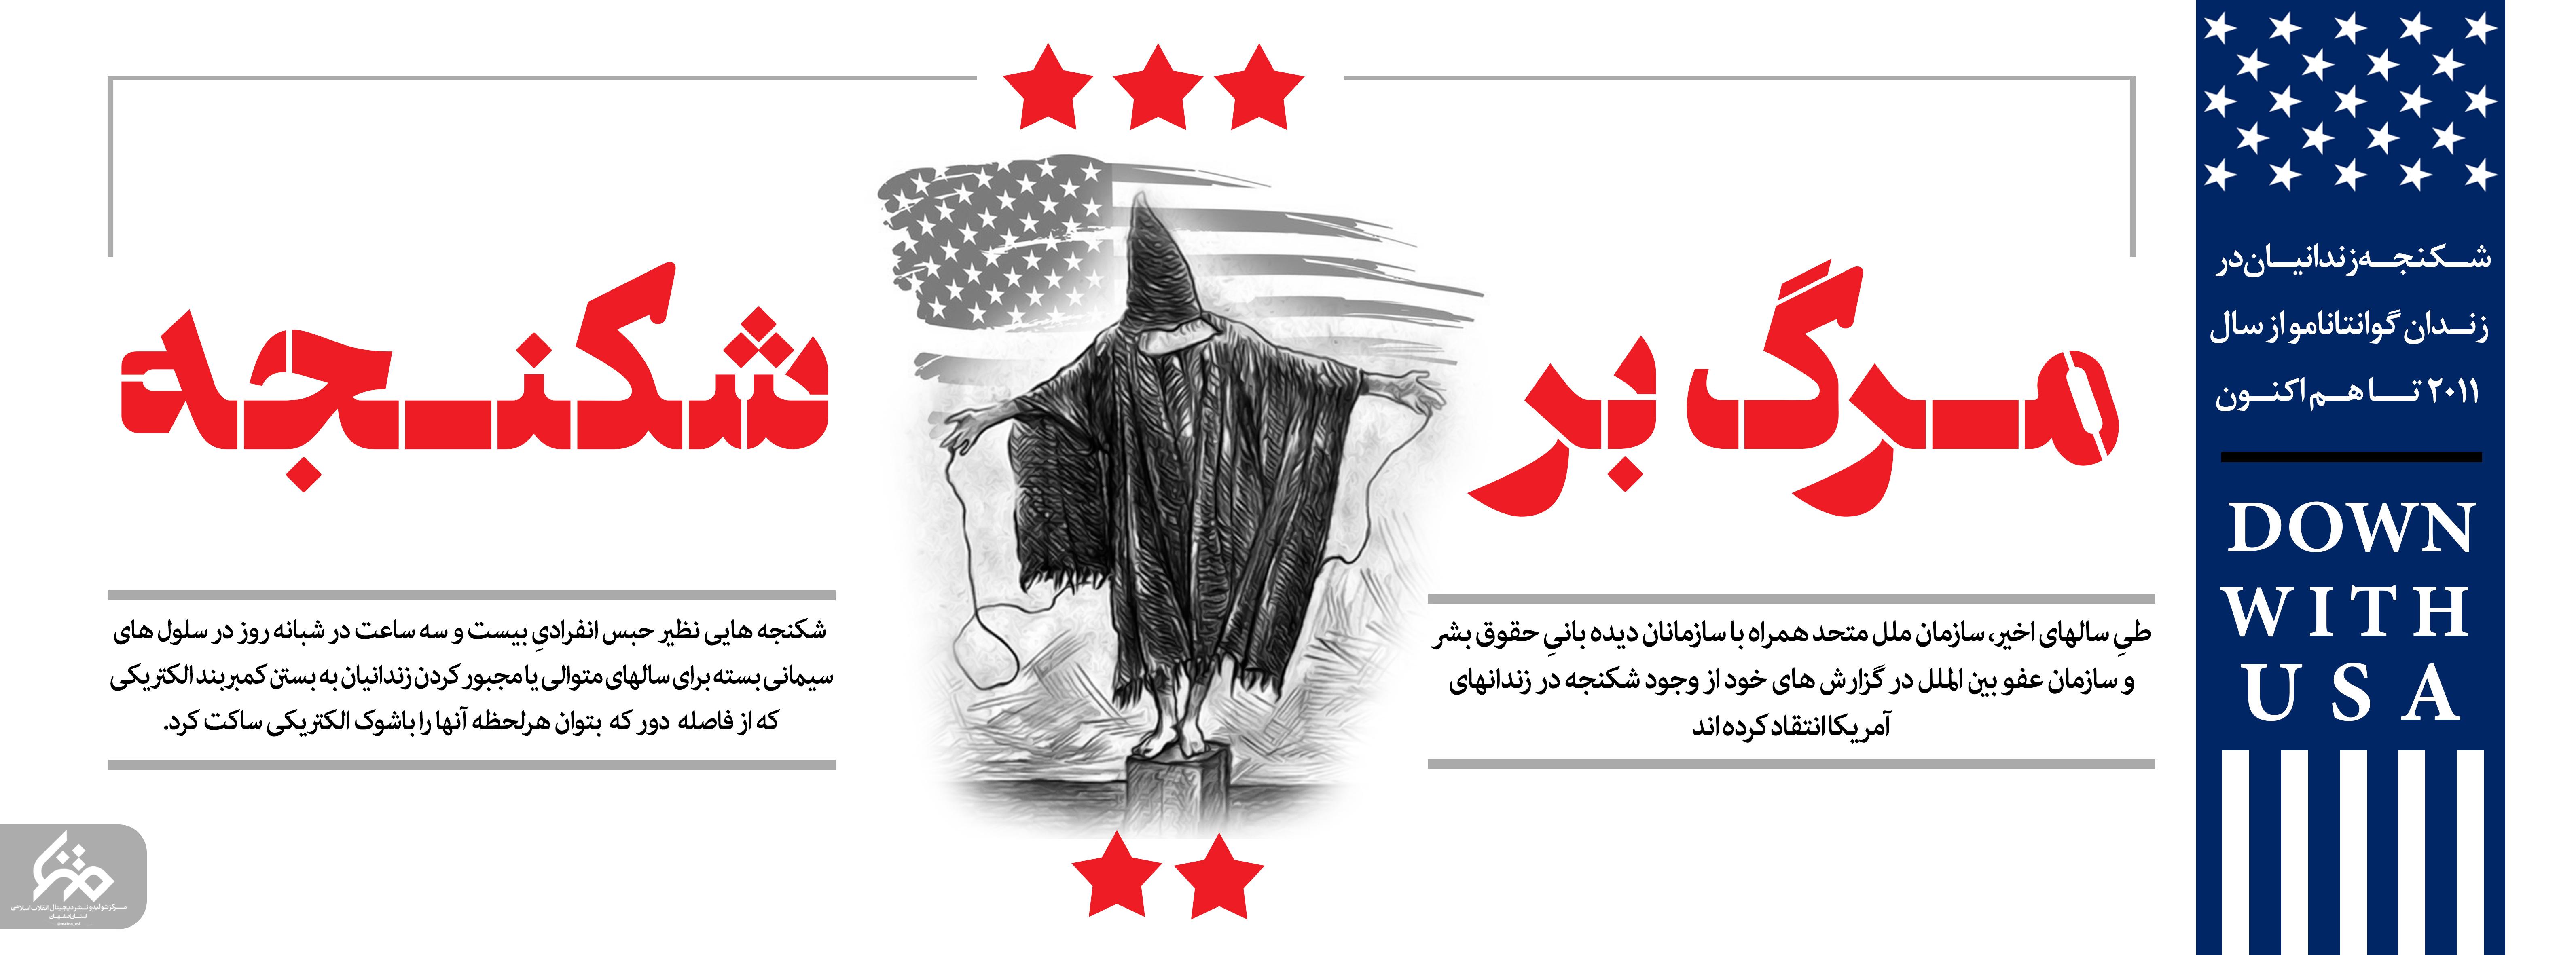 مرگ بر آمریکا (1)